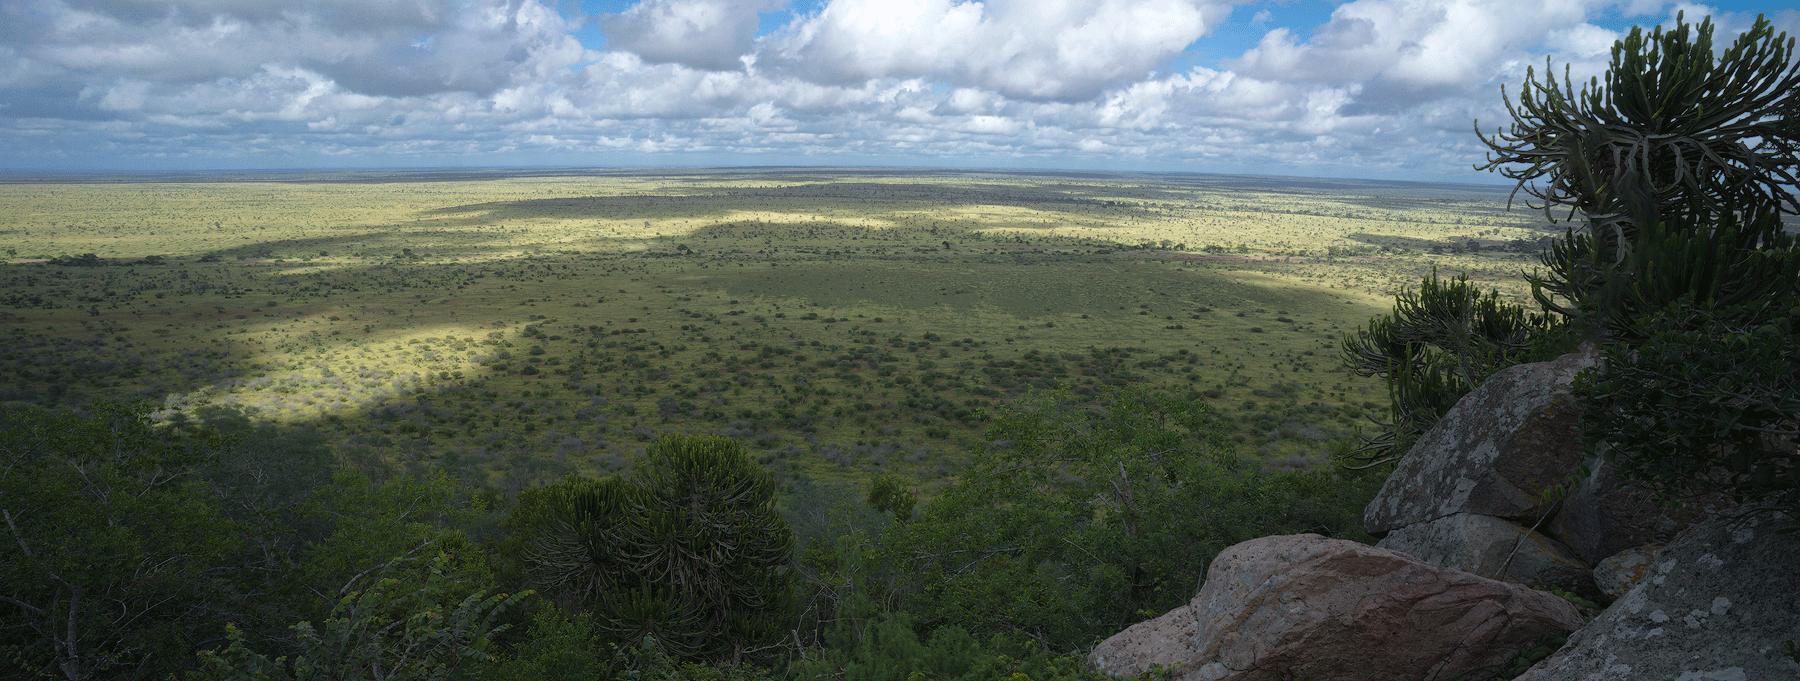 kruger national park viaggio fotografico